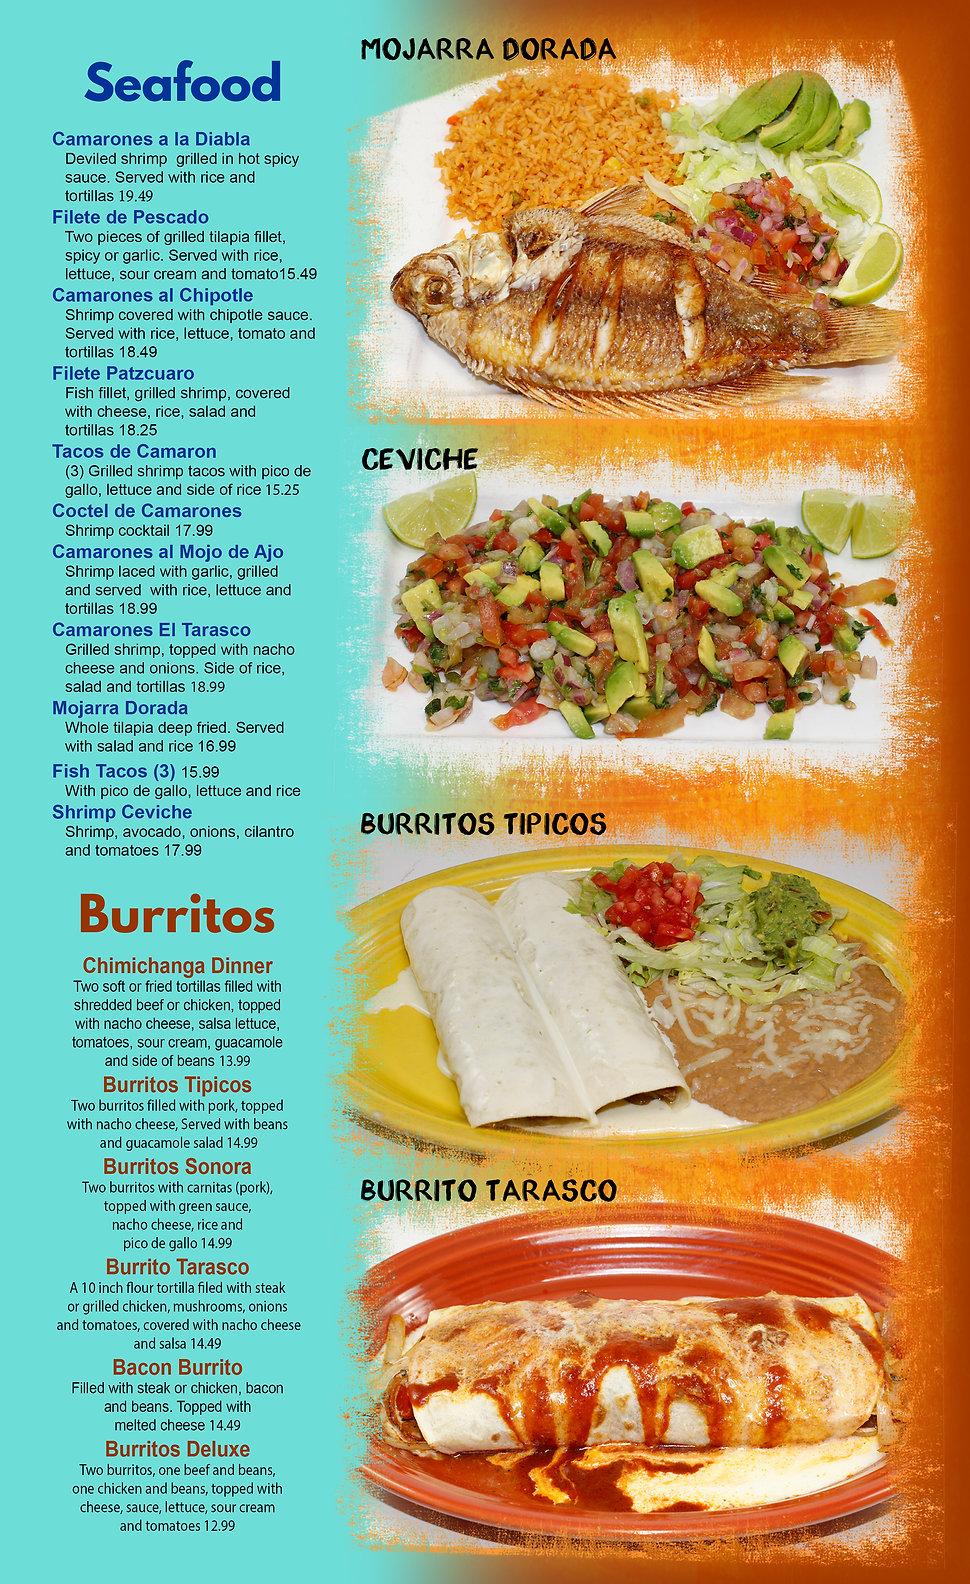 Seafood 6.jpg